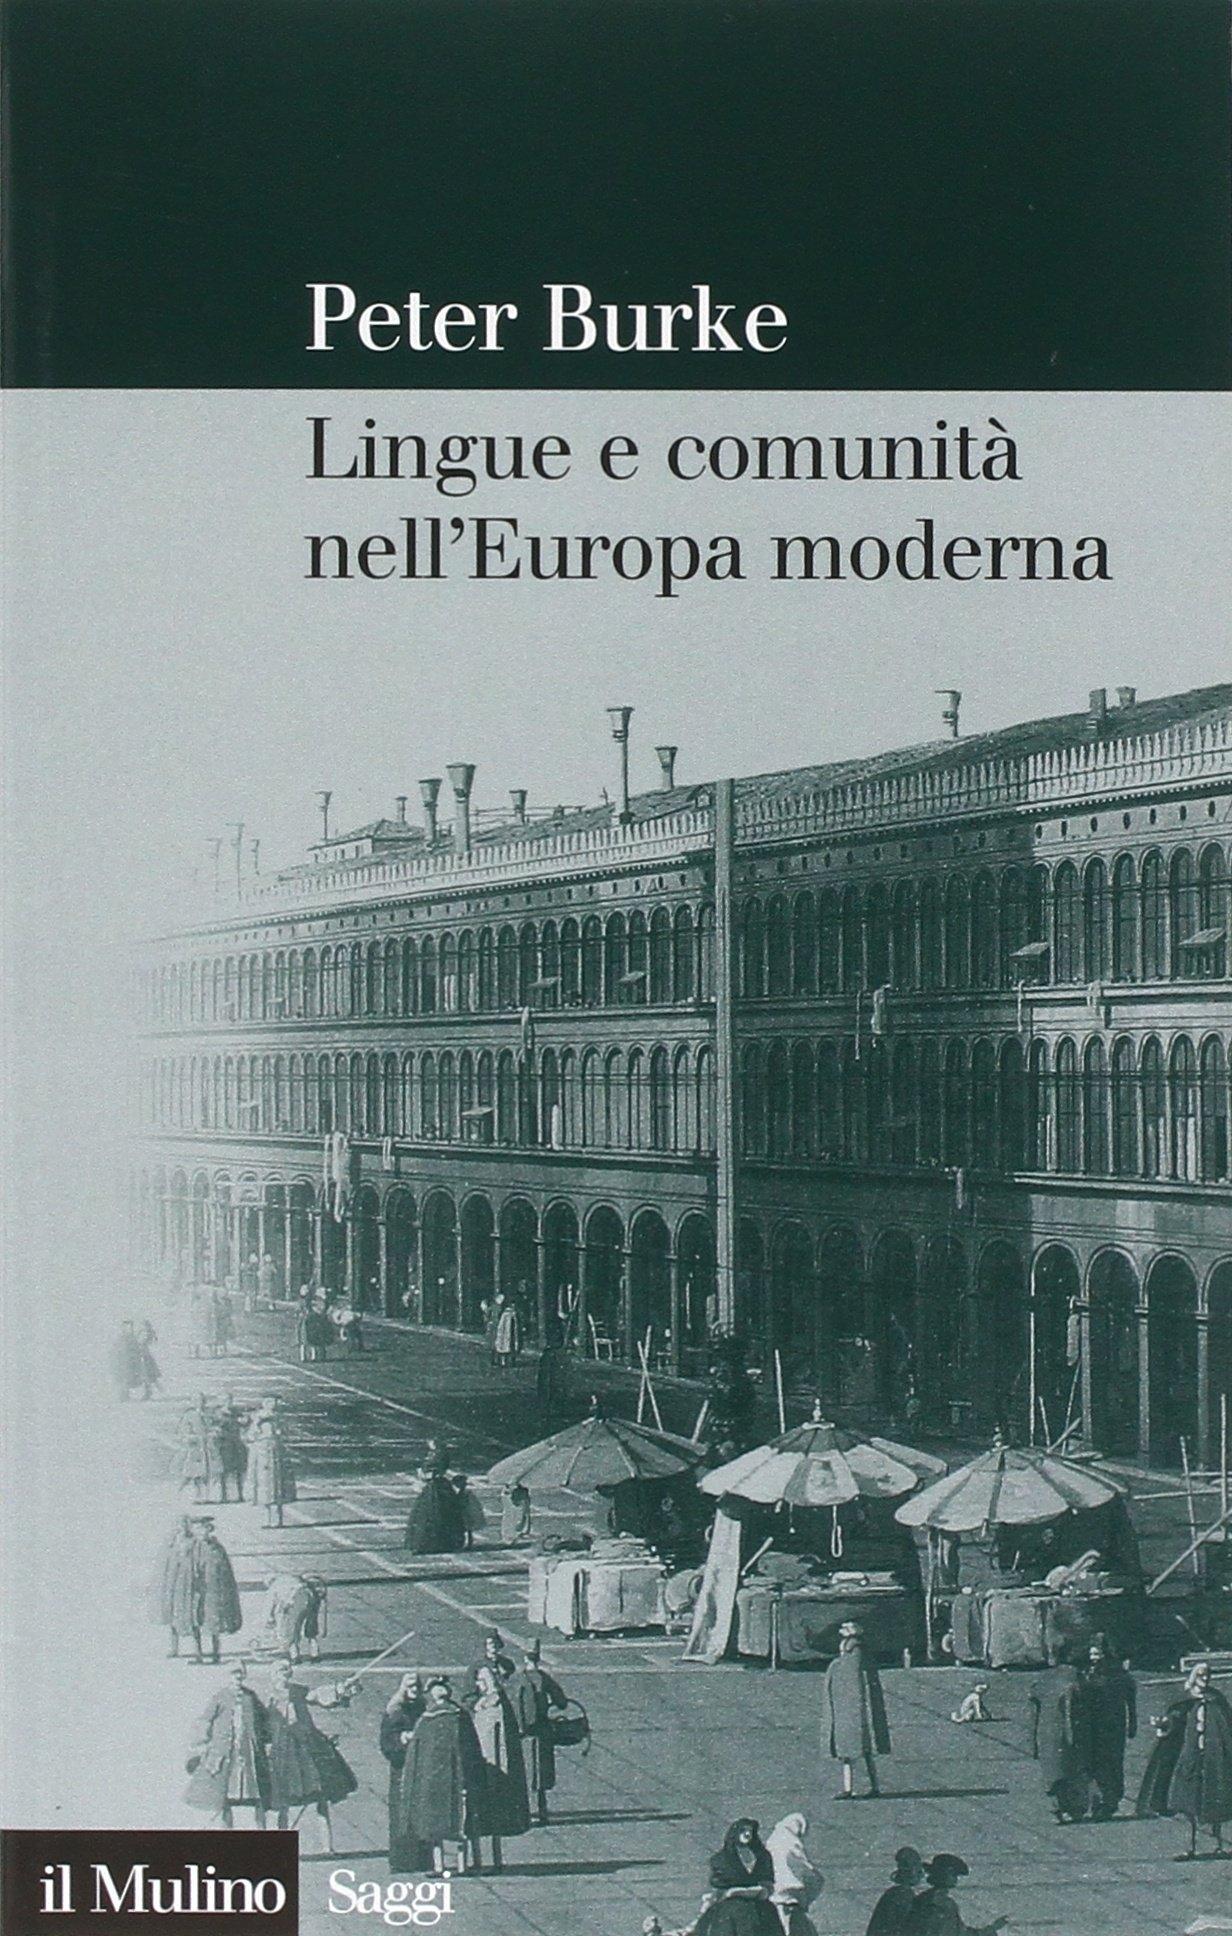 Lingue e comunità nell'Europa moderna